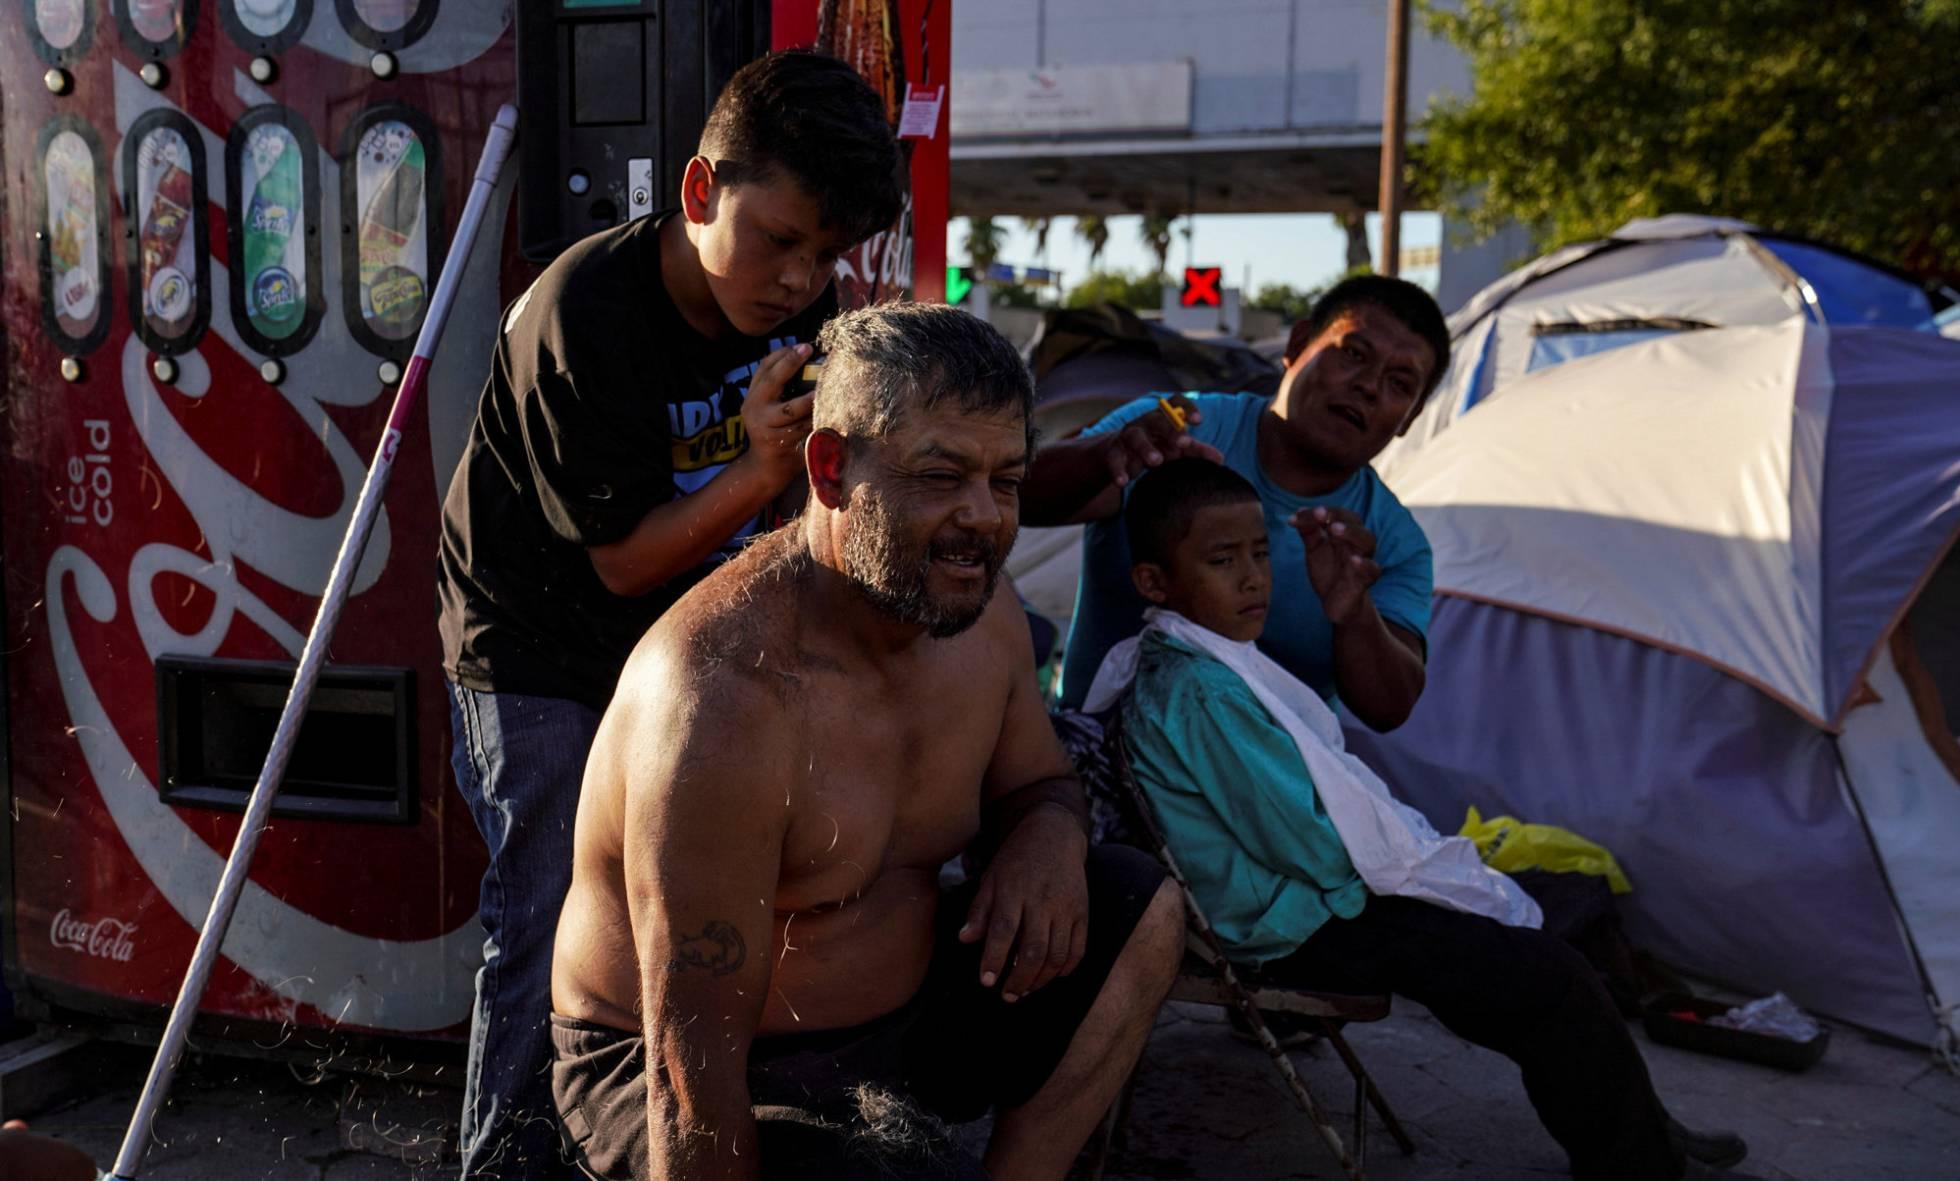 Cientos de migrantes toman un puente fronterizo en México para exigir asilo en EE UU